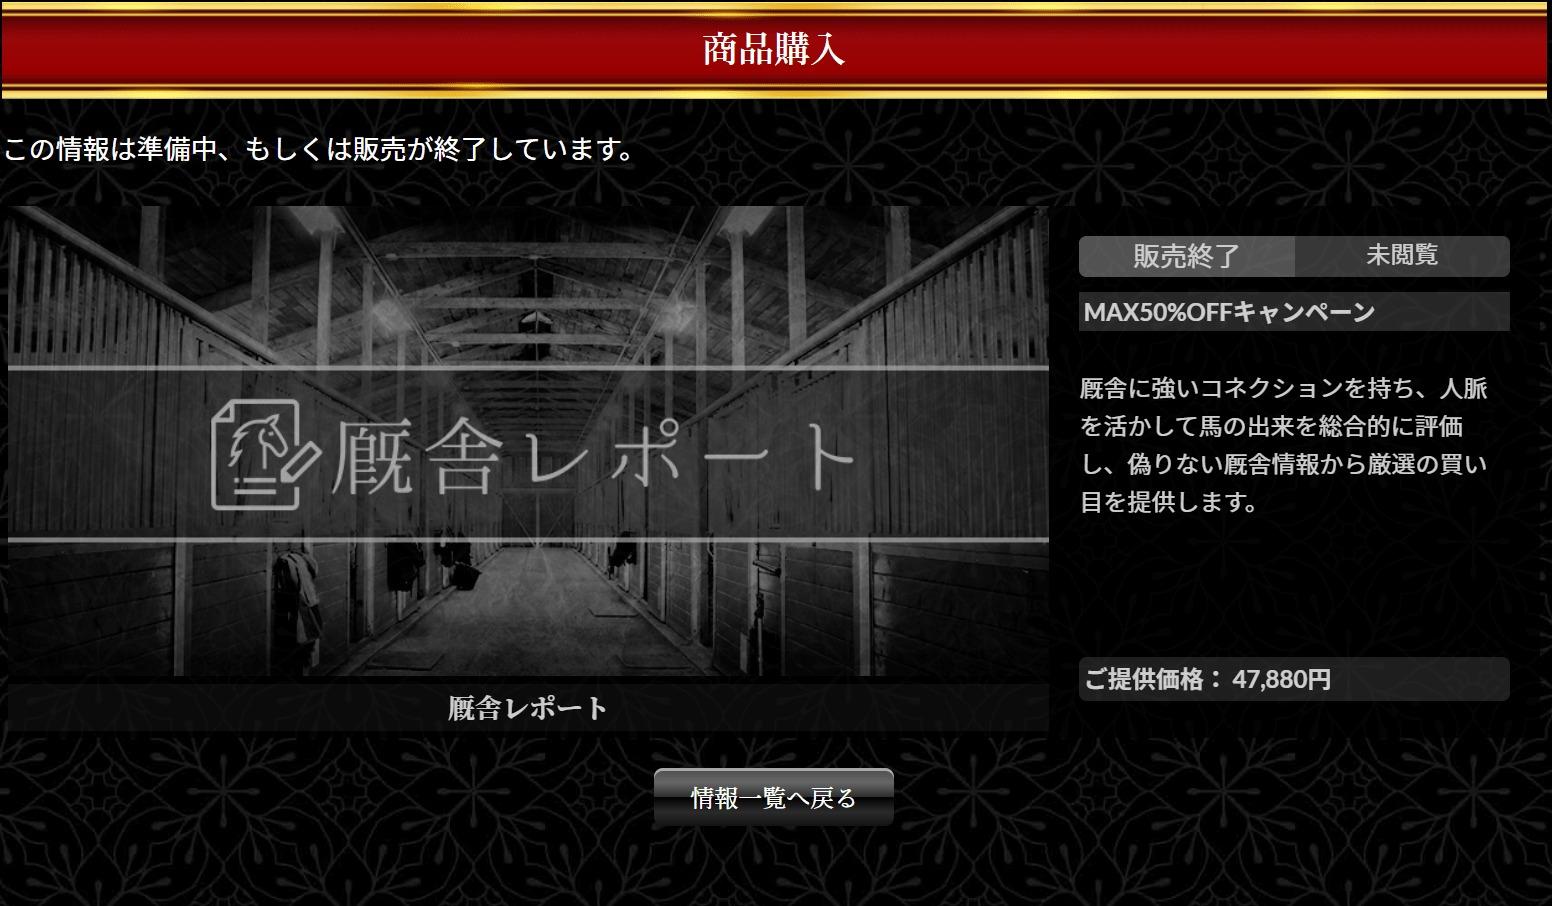 エキストラ_有料情報_厩舎レポート